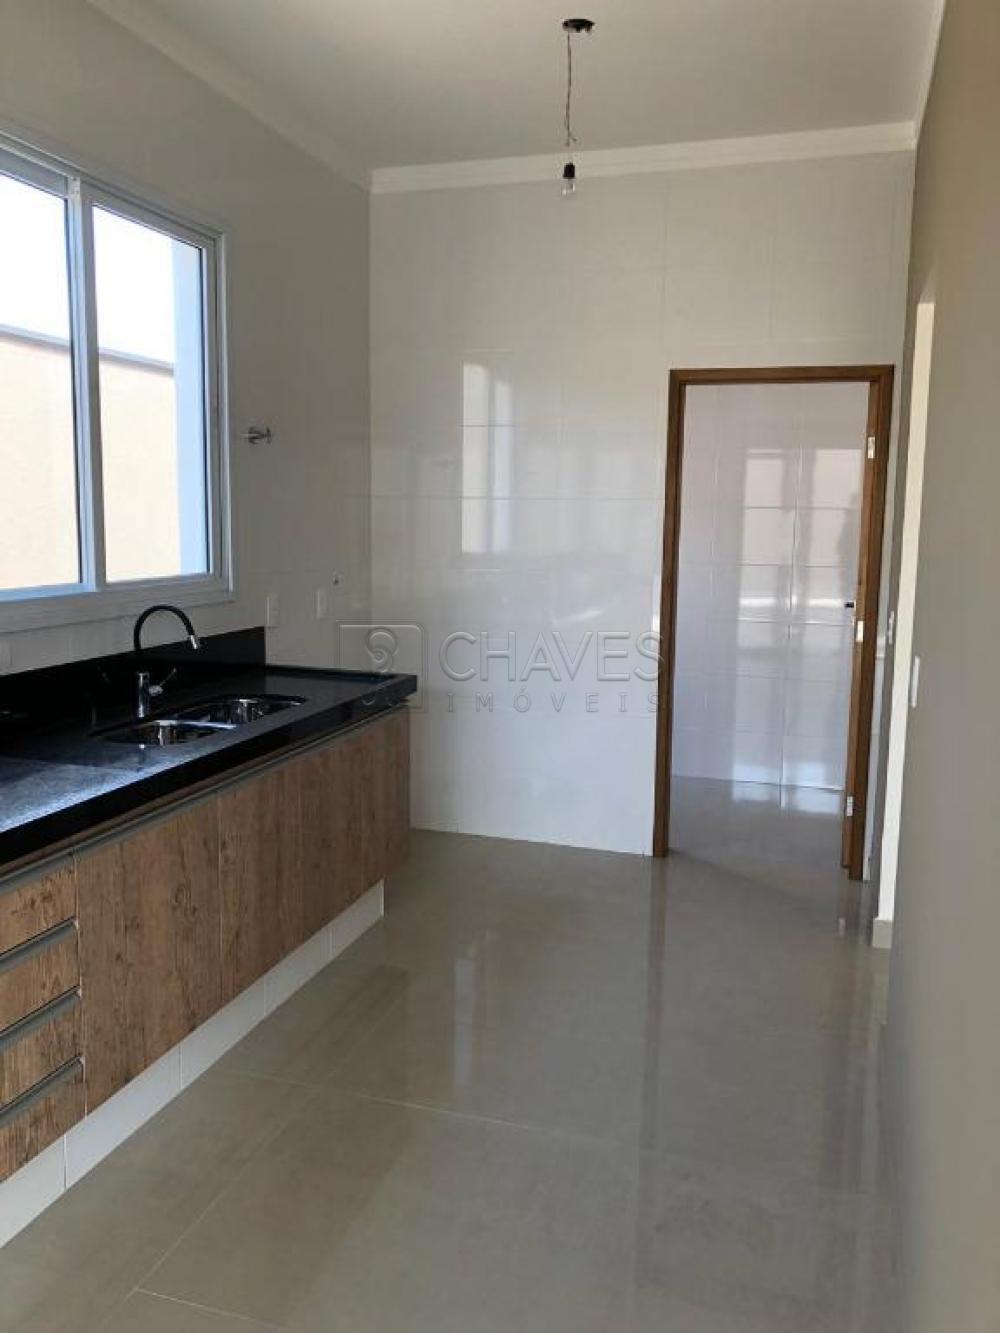 Comprar Casa / Condomínio em Ribeirão Preto apenas R$ 860.000,00 - Foto 8